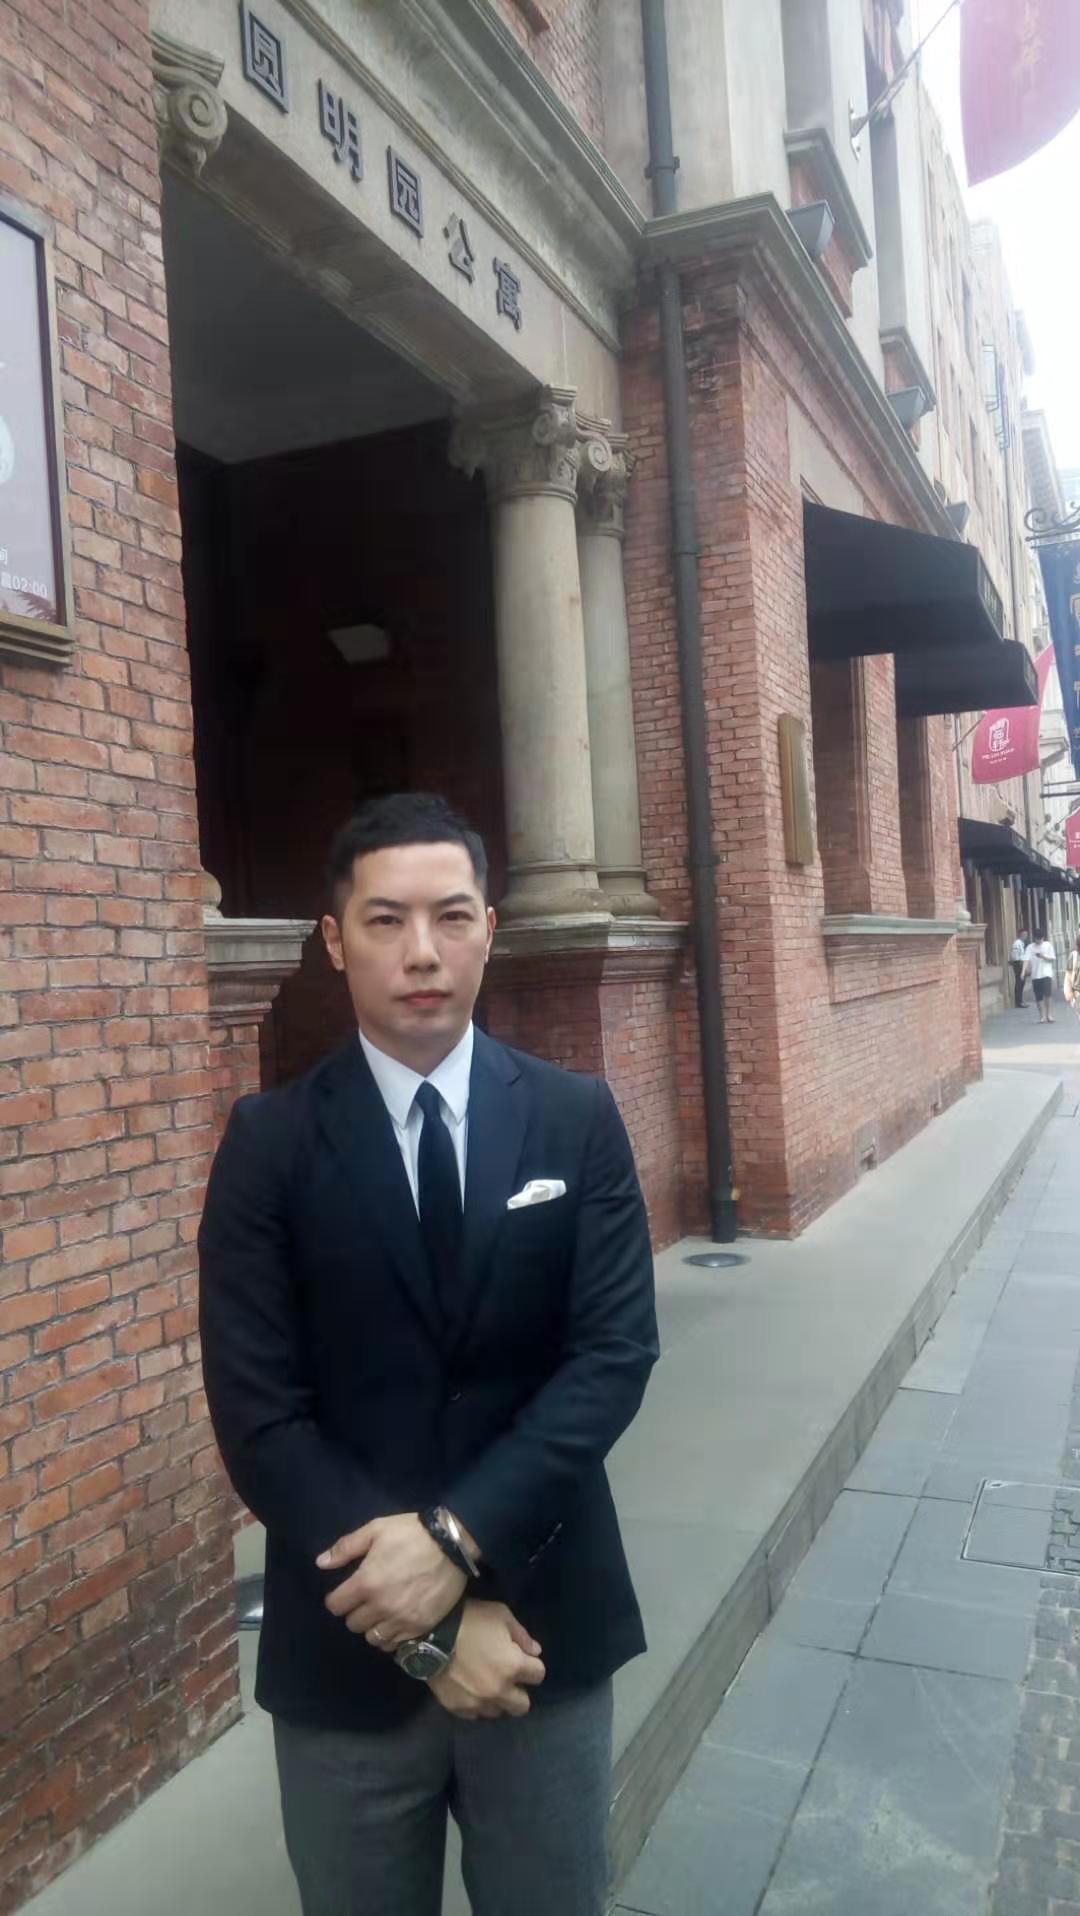 寶吉祥藝術中心行政經理顏麒生表示,他的父親,台灣寶吉祥集團總裁顏錚浩對中華文化、...